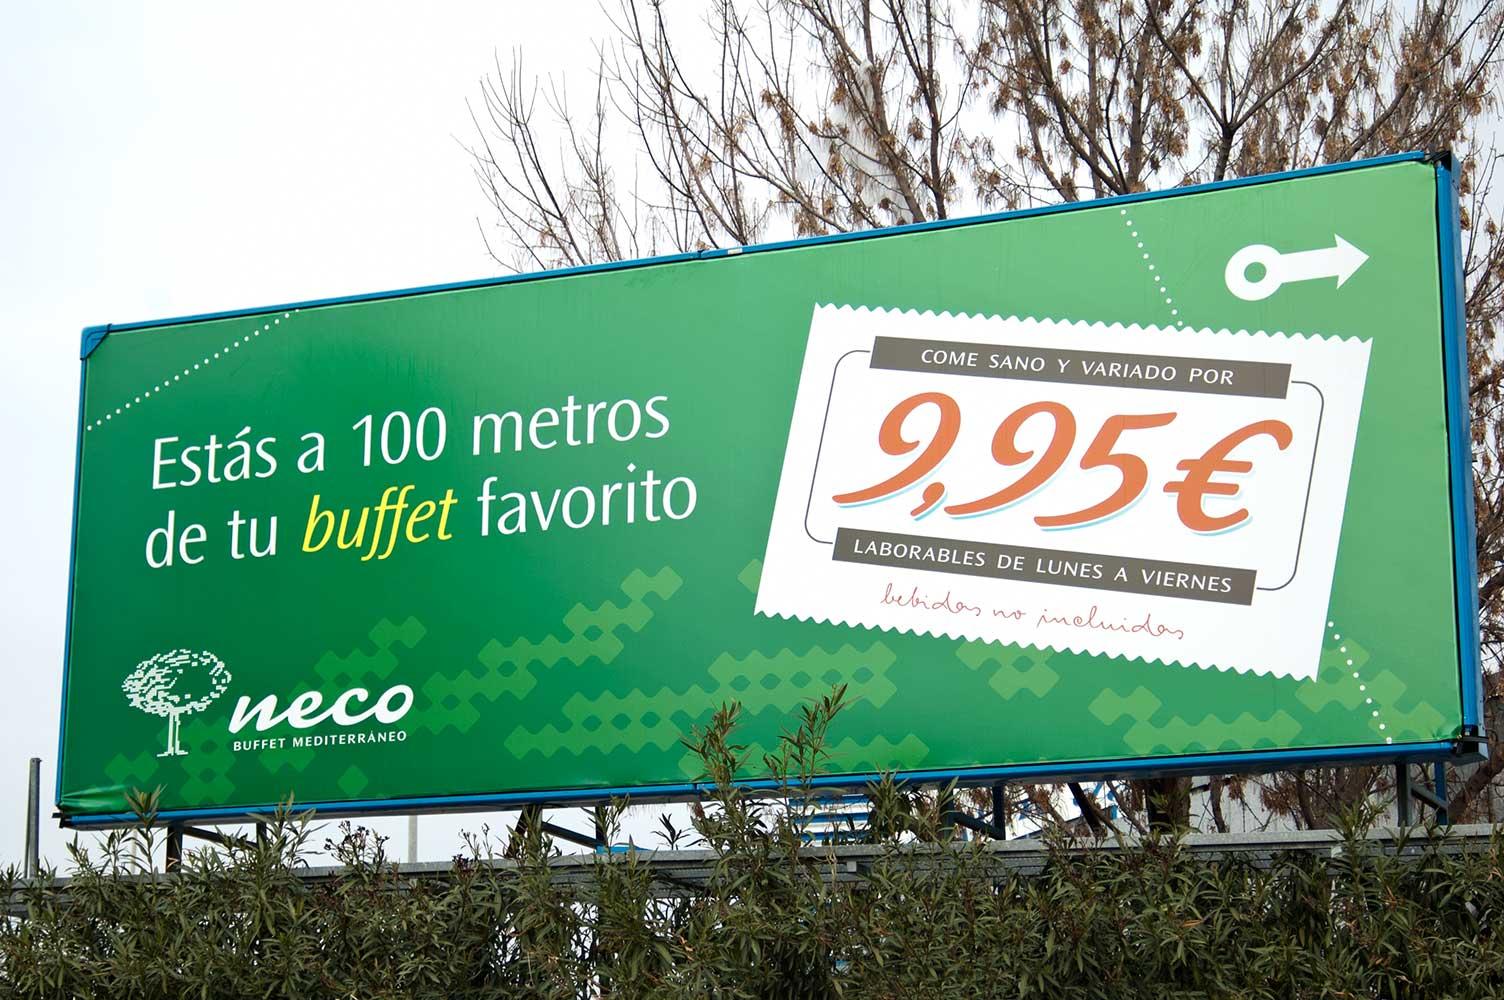 Publicidad exterior valla plubicitaria Neco